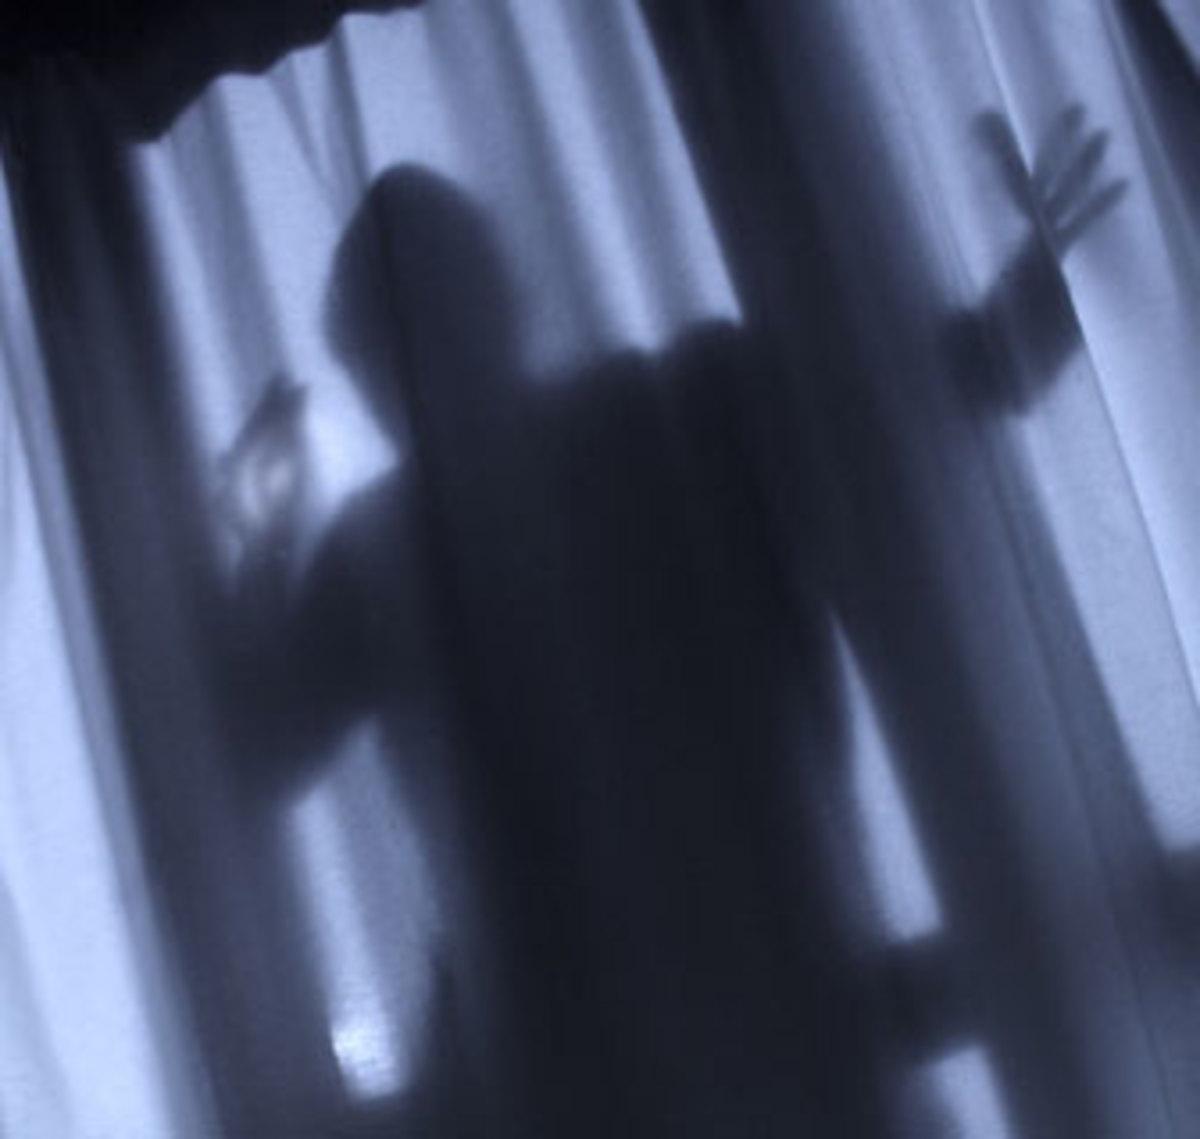 Βόλος: Η νύχτα των παθών για μια ηλικιωμένη γυναίκα! | Newsit.gr